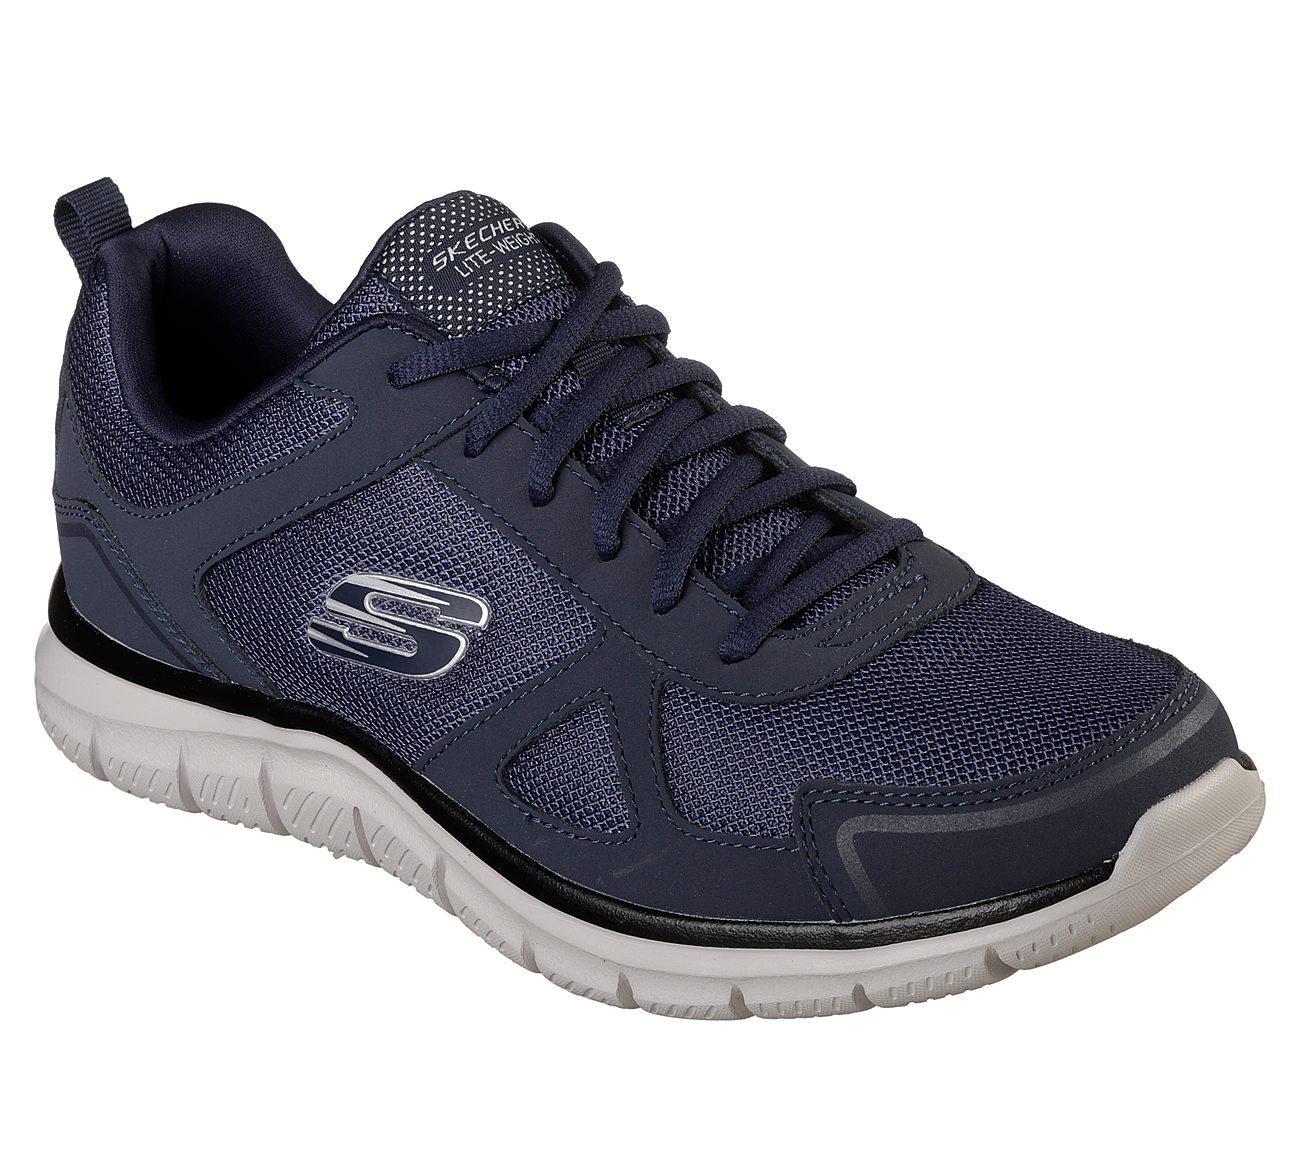 Skechers Track- Sclorıc Erkek Ayakkabısı